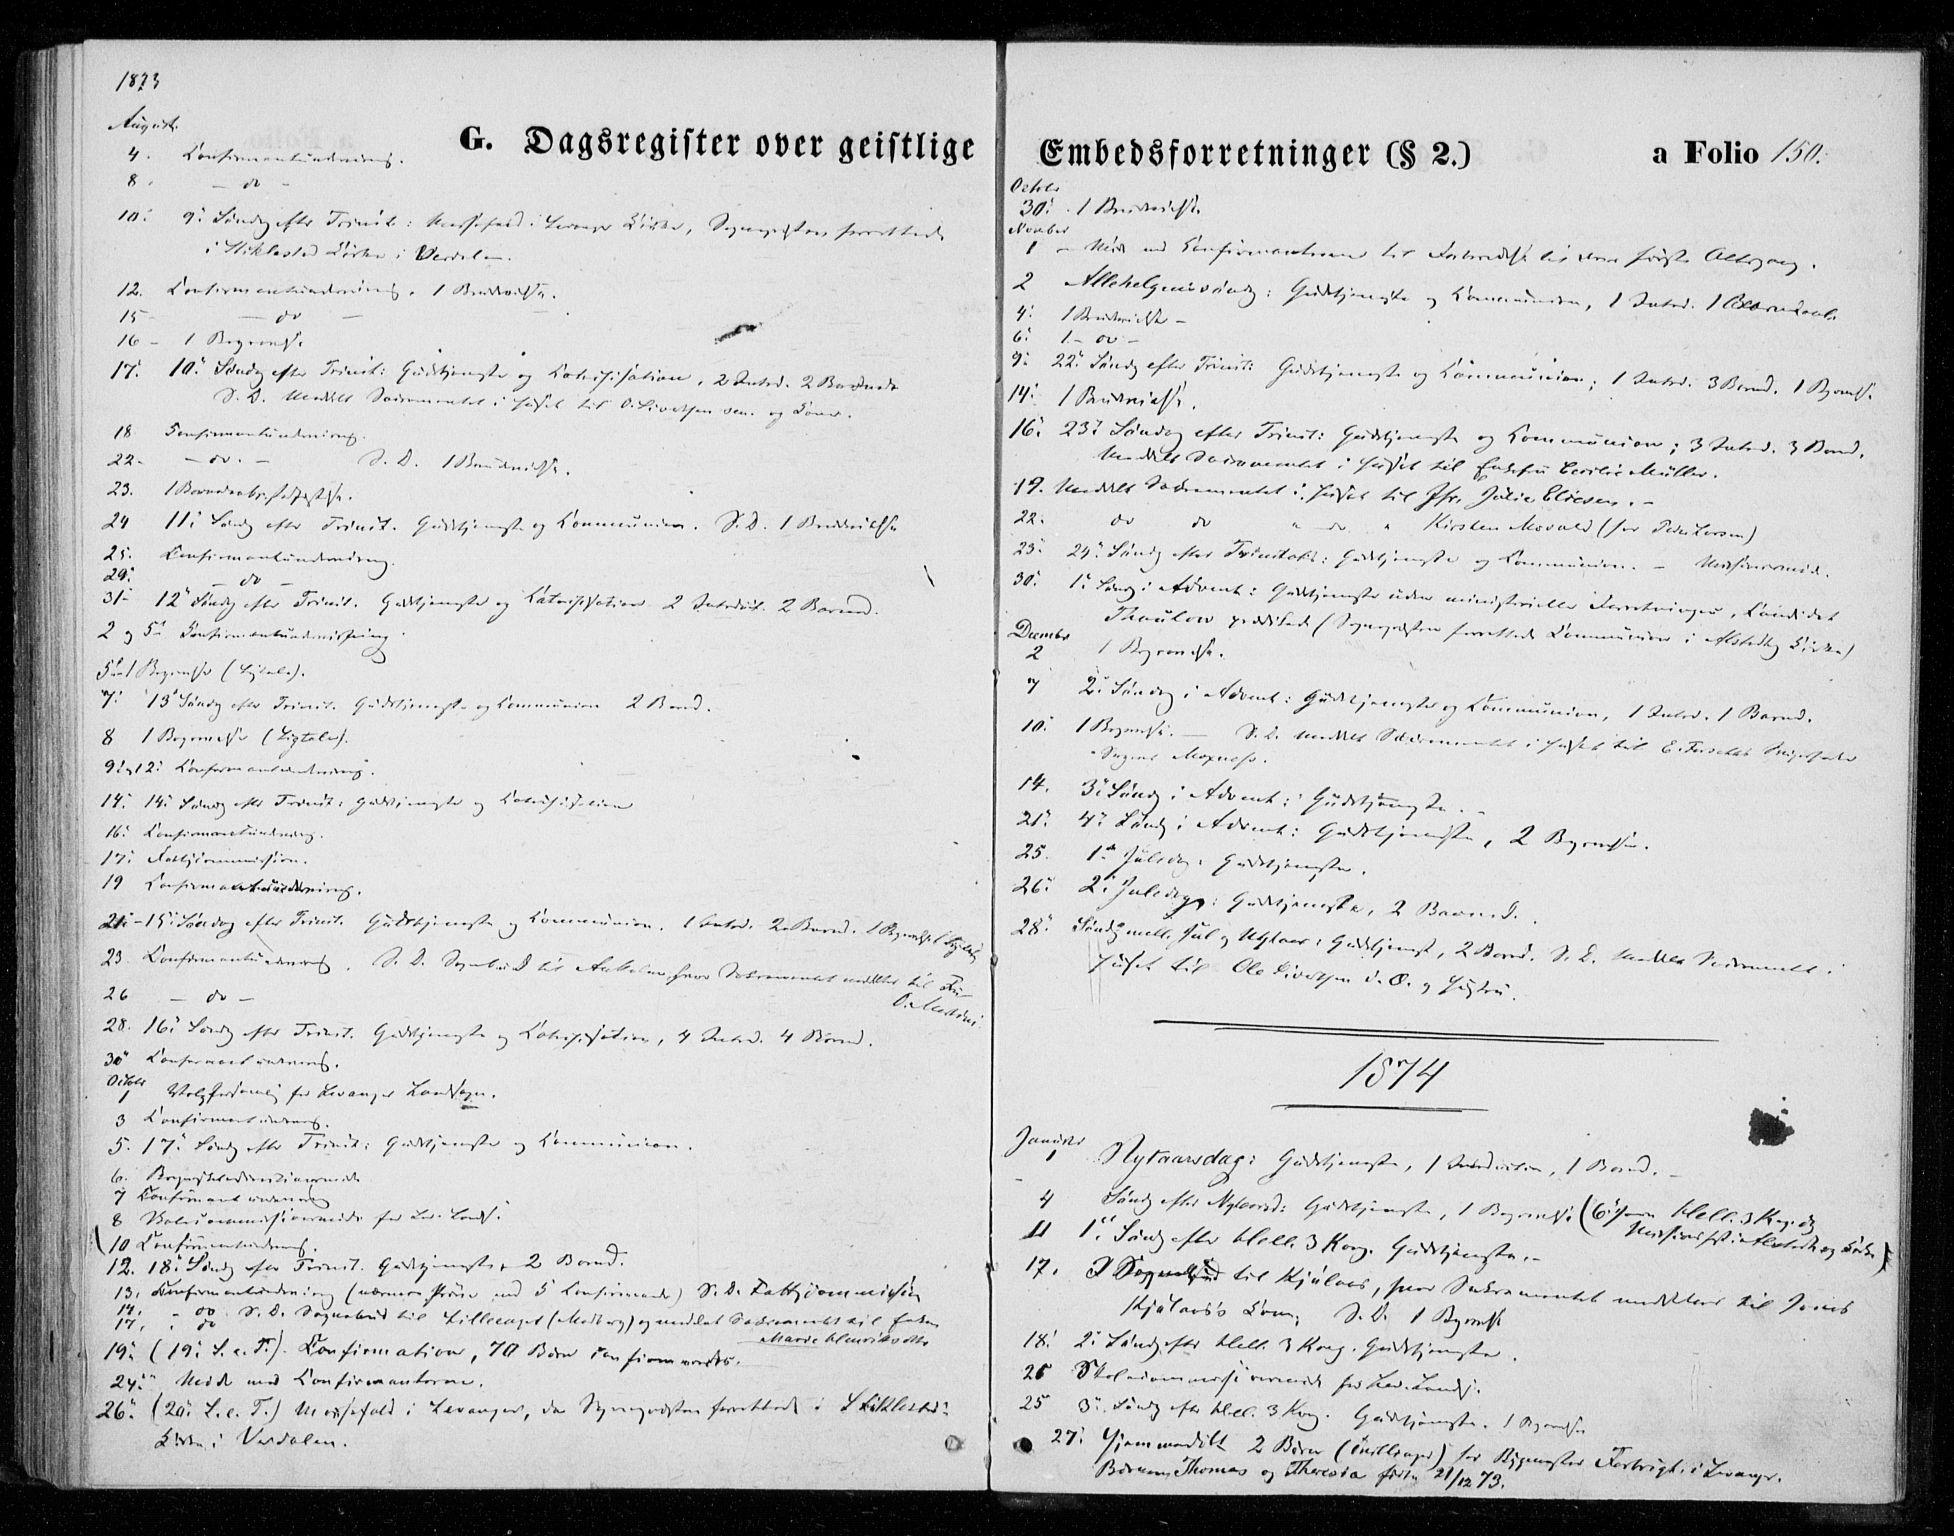 SAT, Ministerialprotokoller, klokkerbøker og fødselsregistre - Nord-Trøndelag, 720/L0186: Ministerialbok nr. 720A03, 1864-1874, s. 150